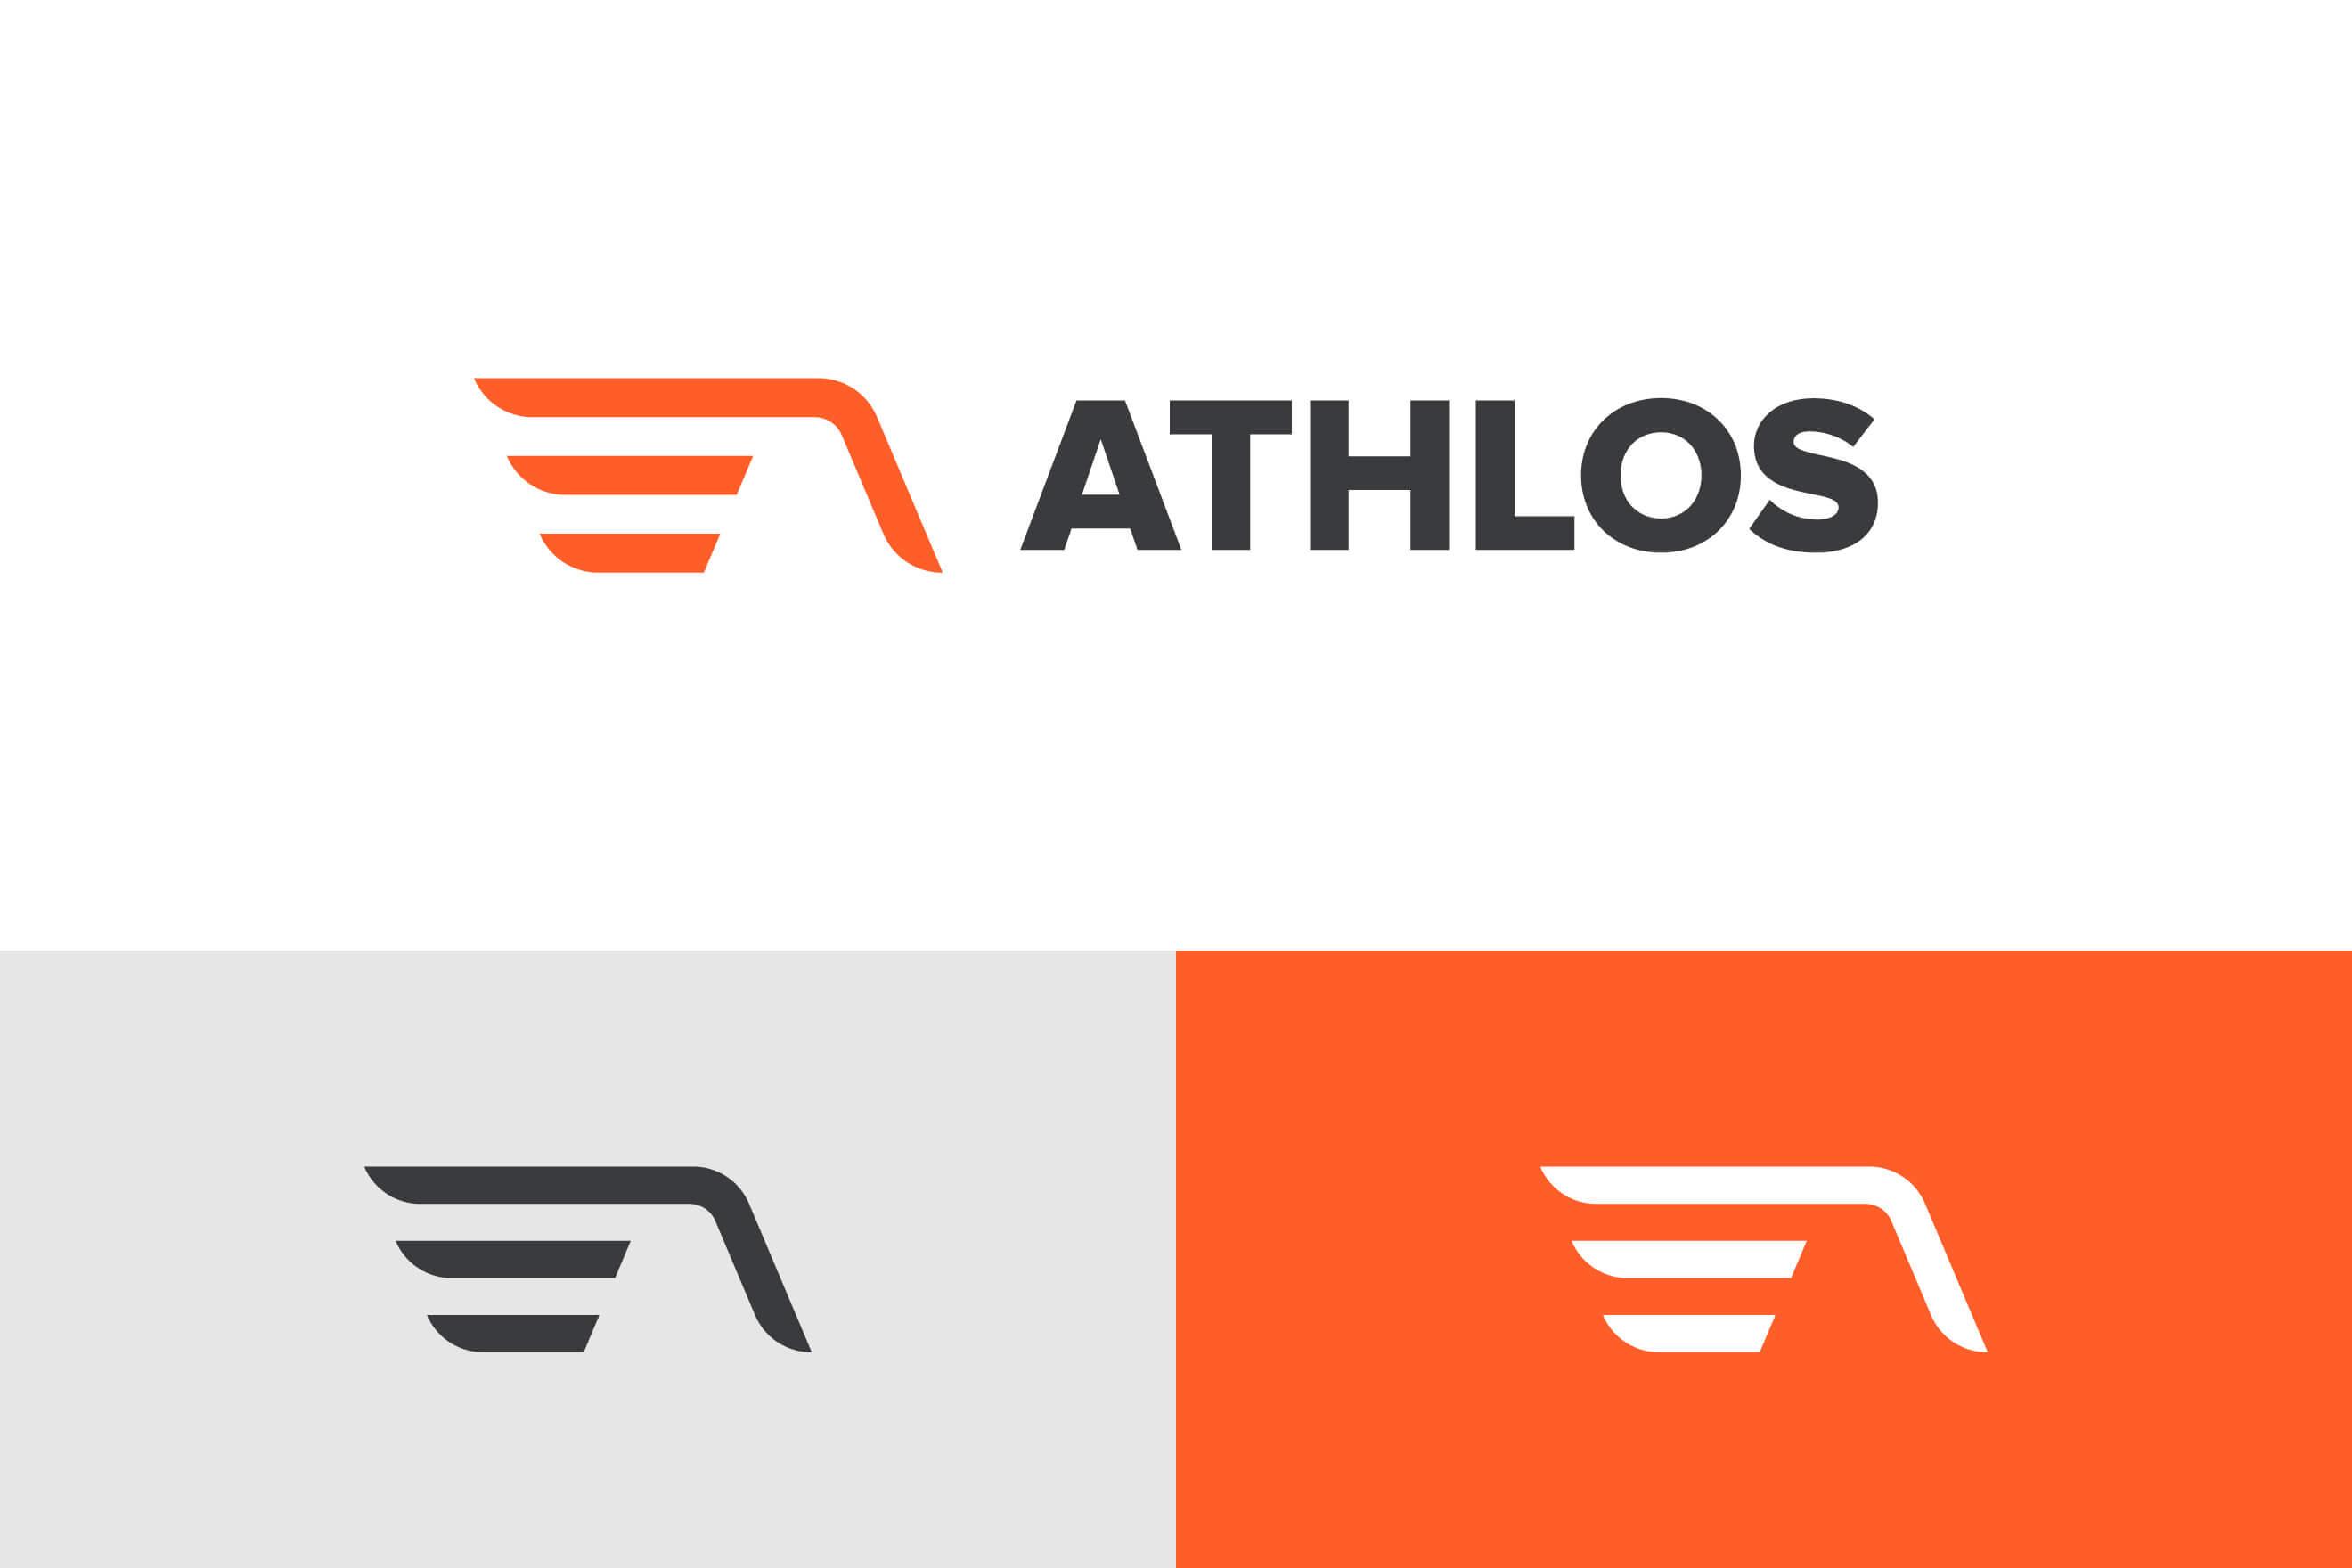 logo design for Athlos